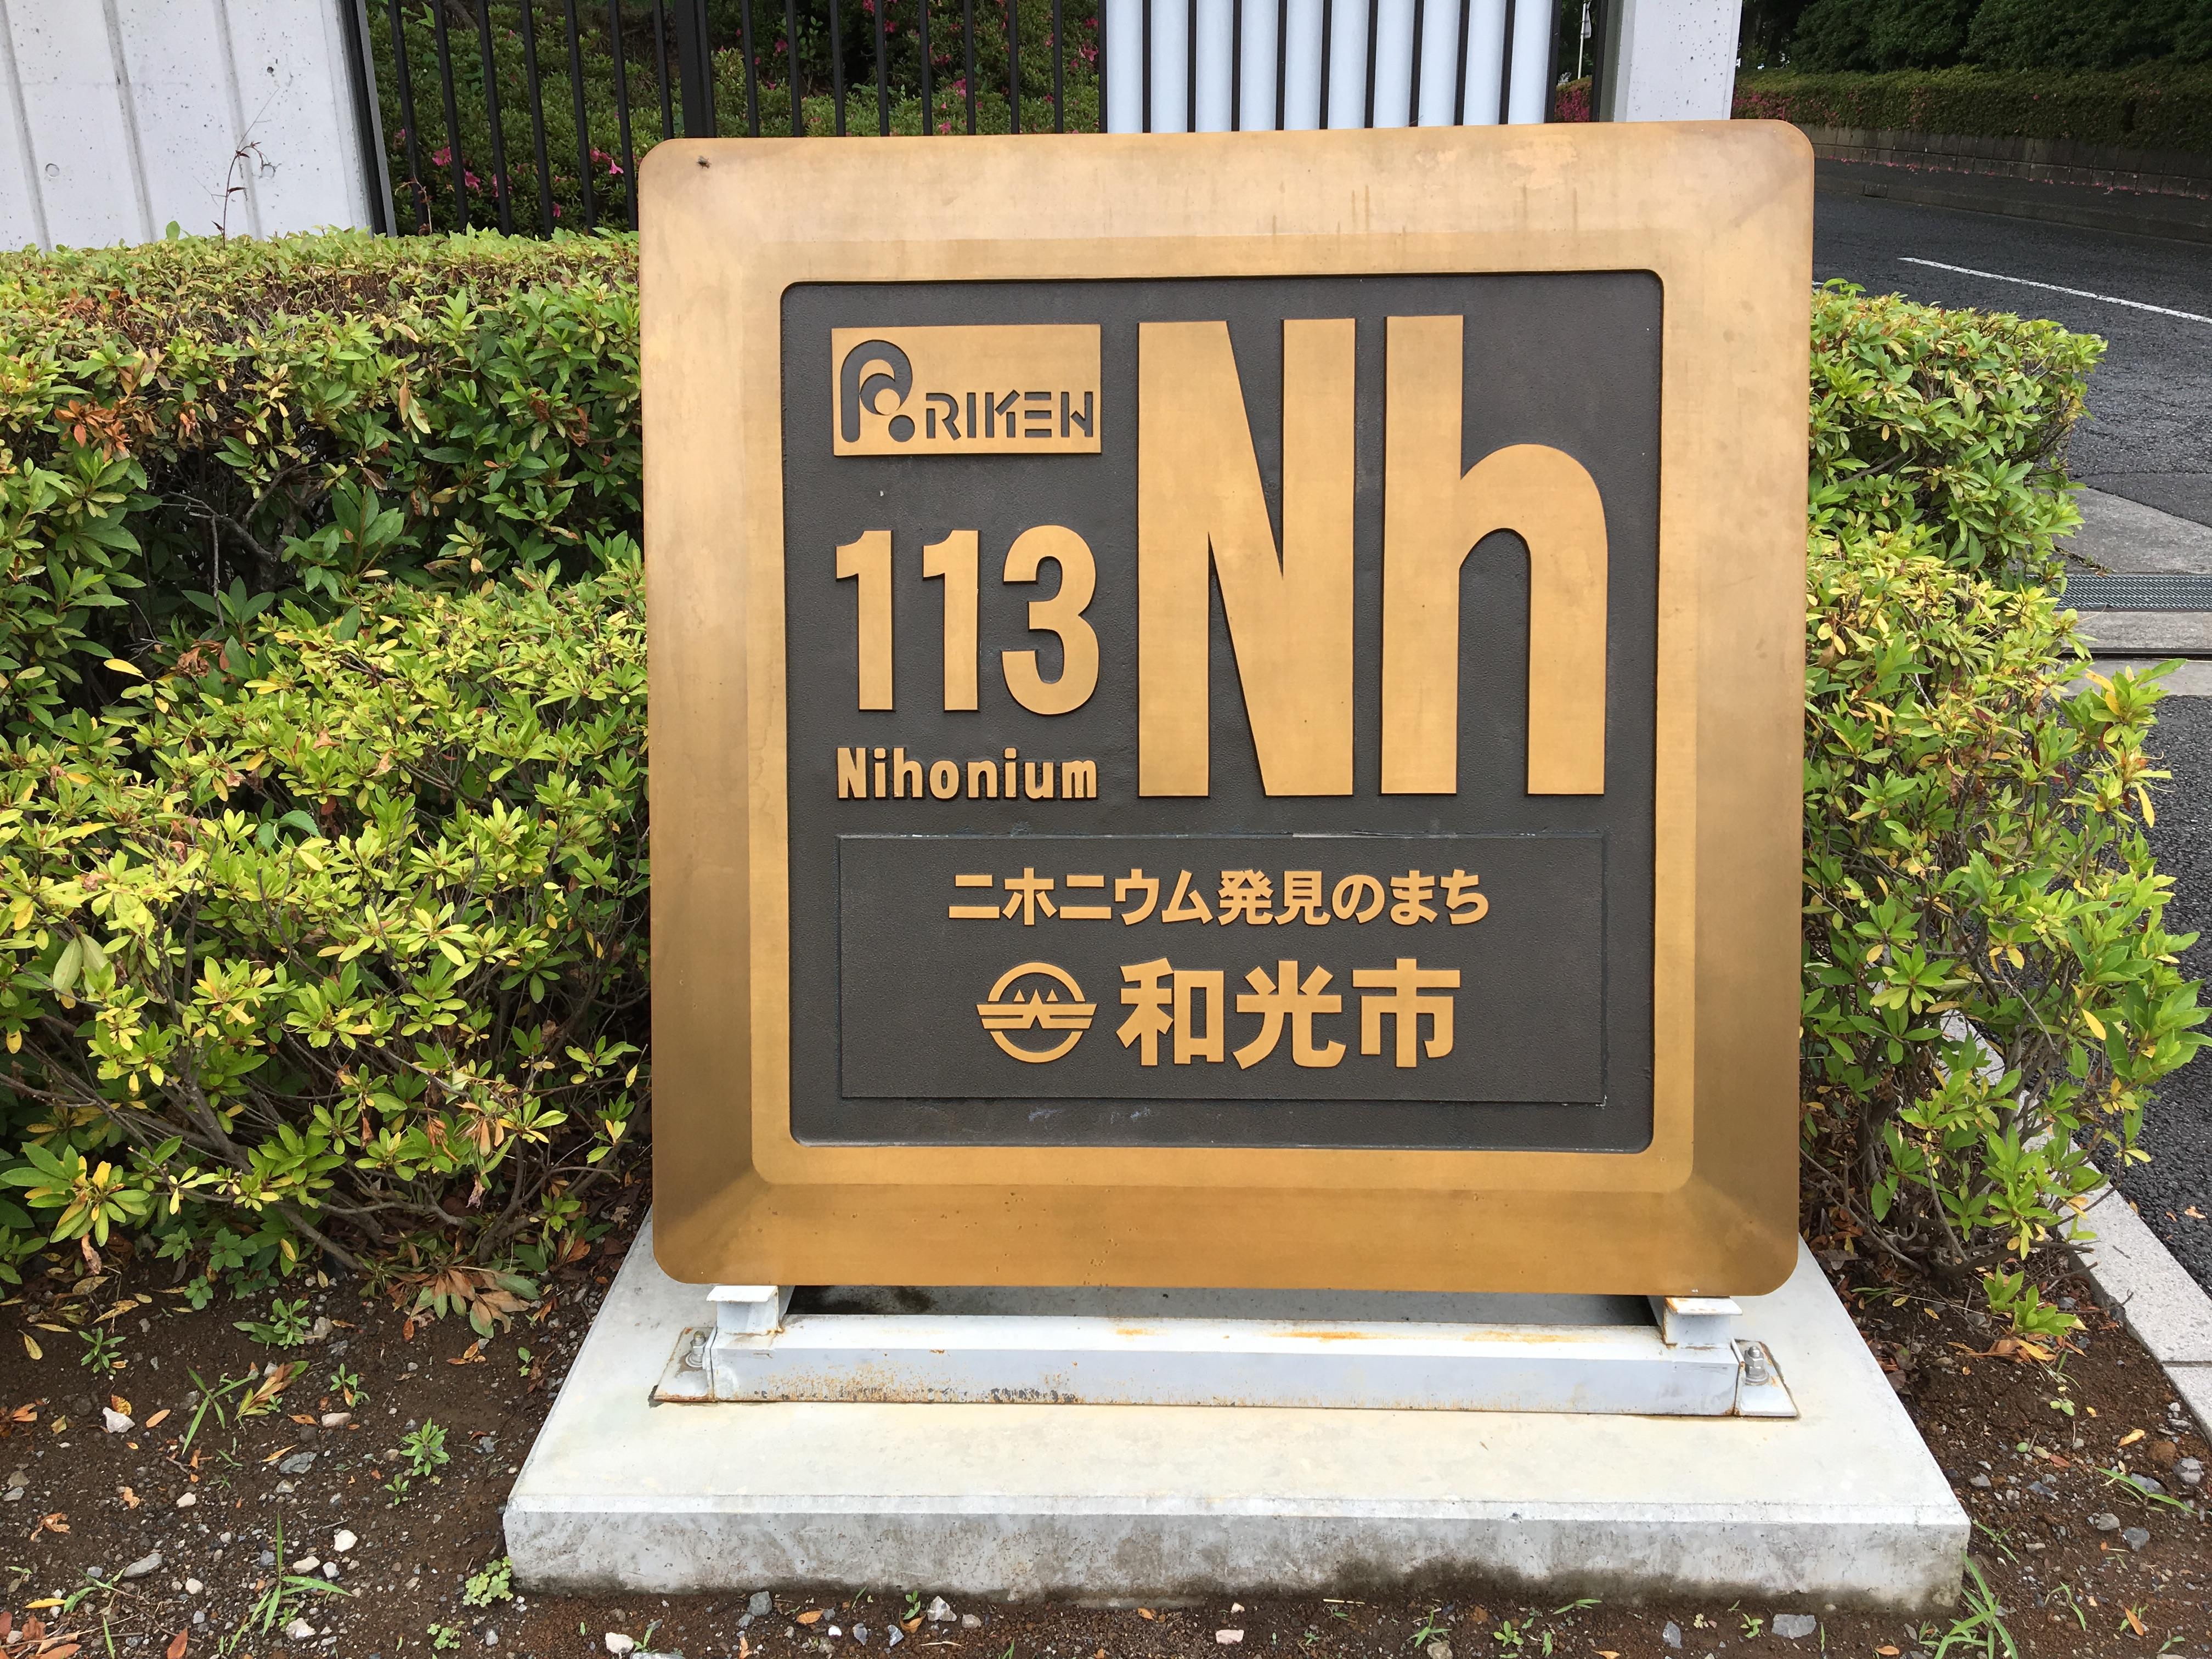 過去と未来紡ぐ和光市 その5 ニホニウムのその先へ…ニホニウム通りと理化学研究所